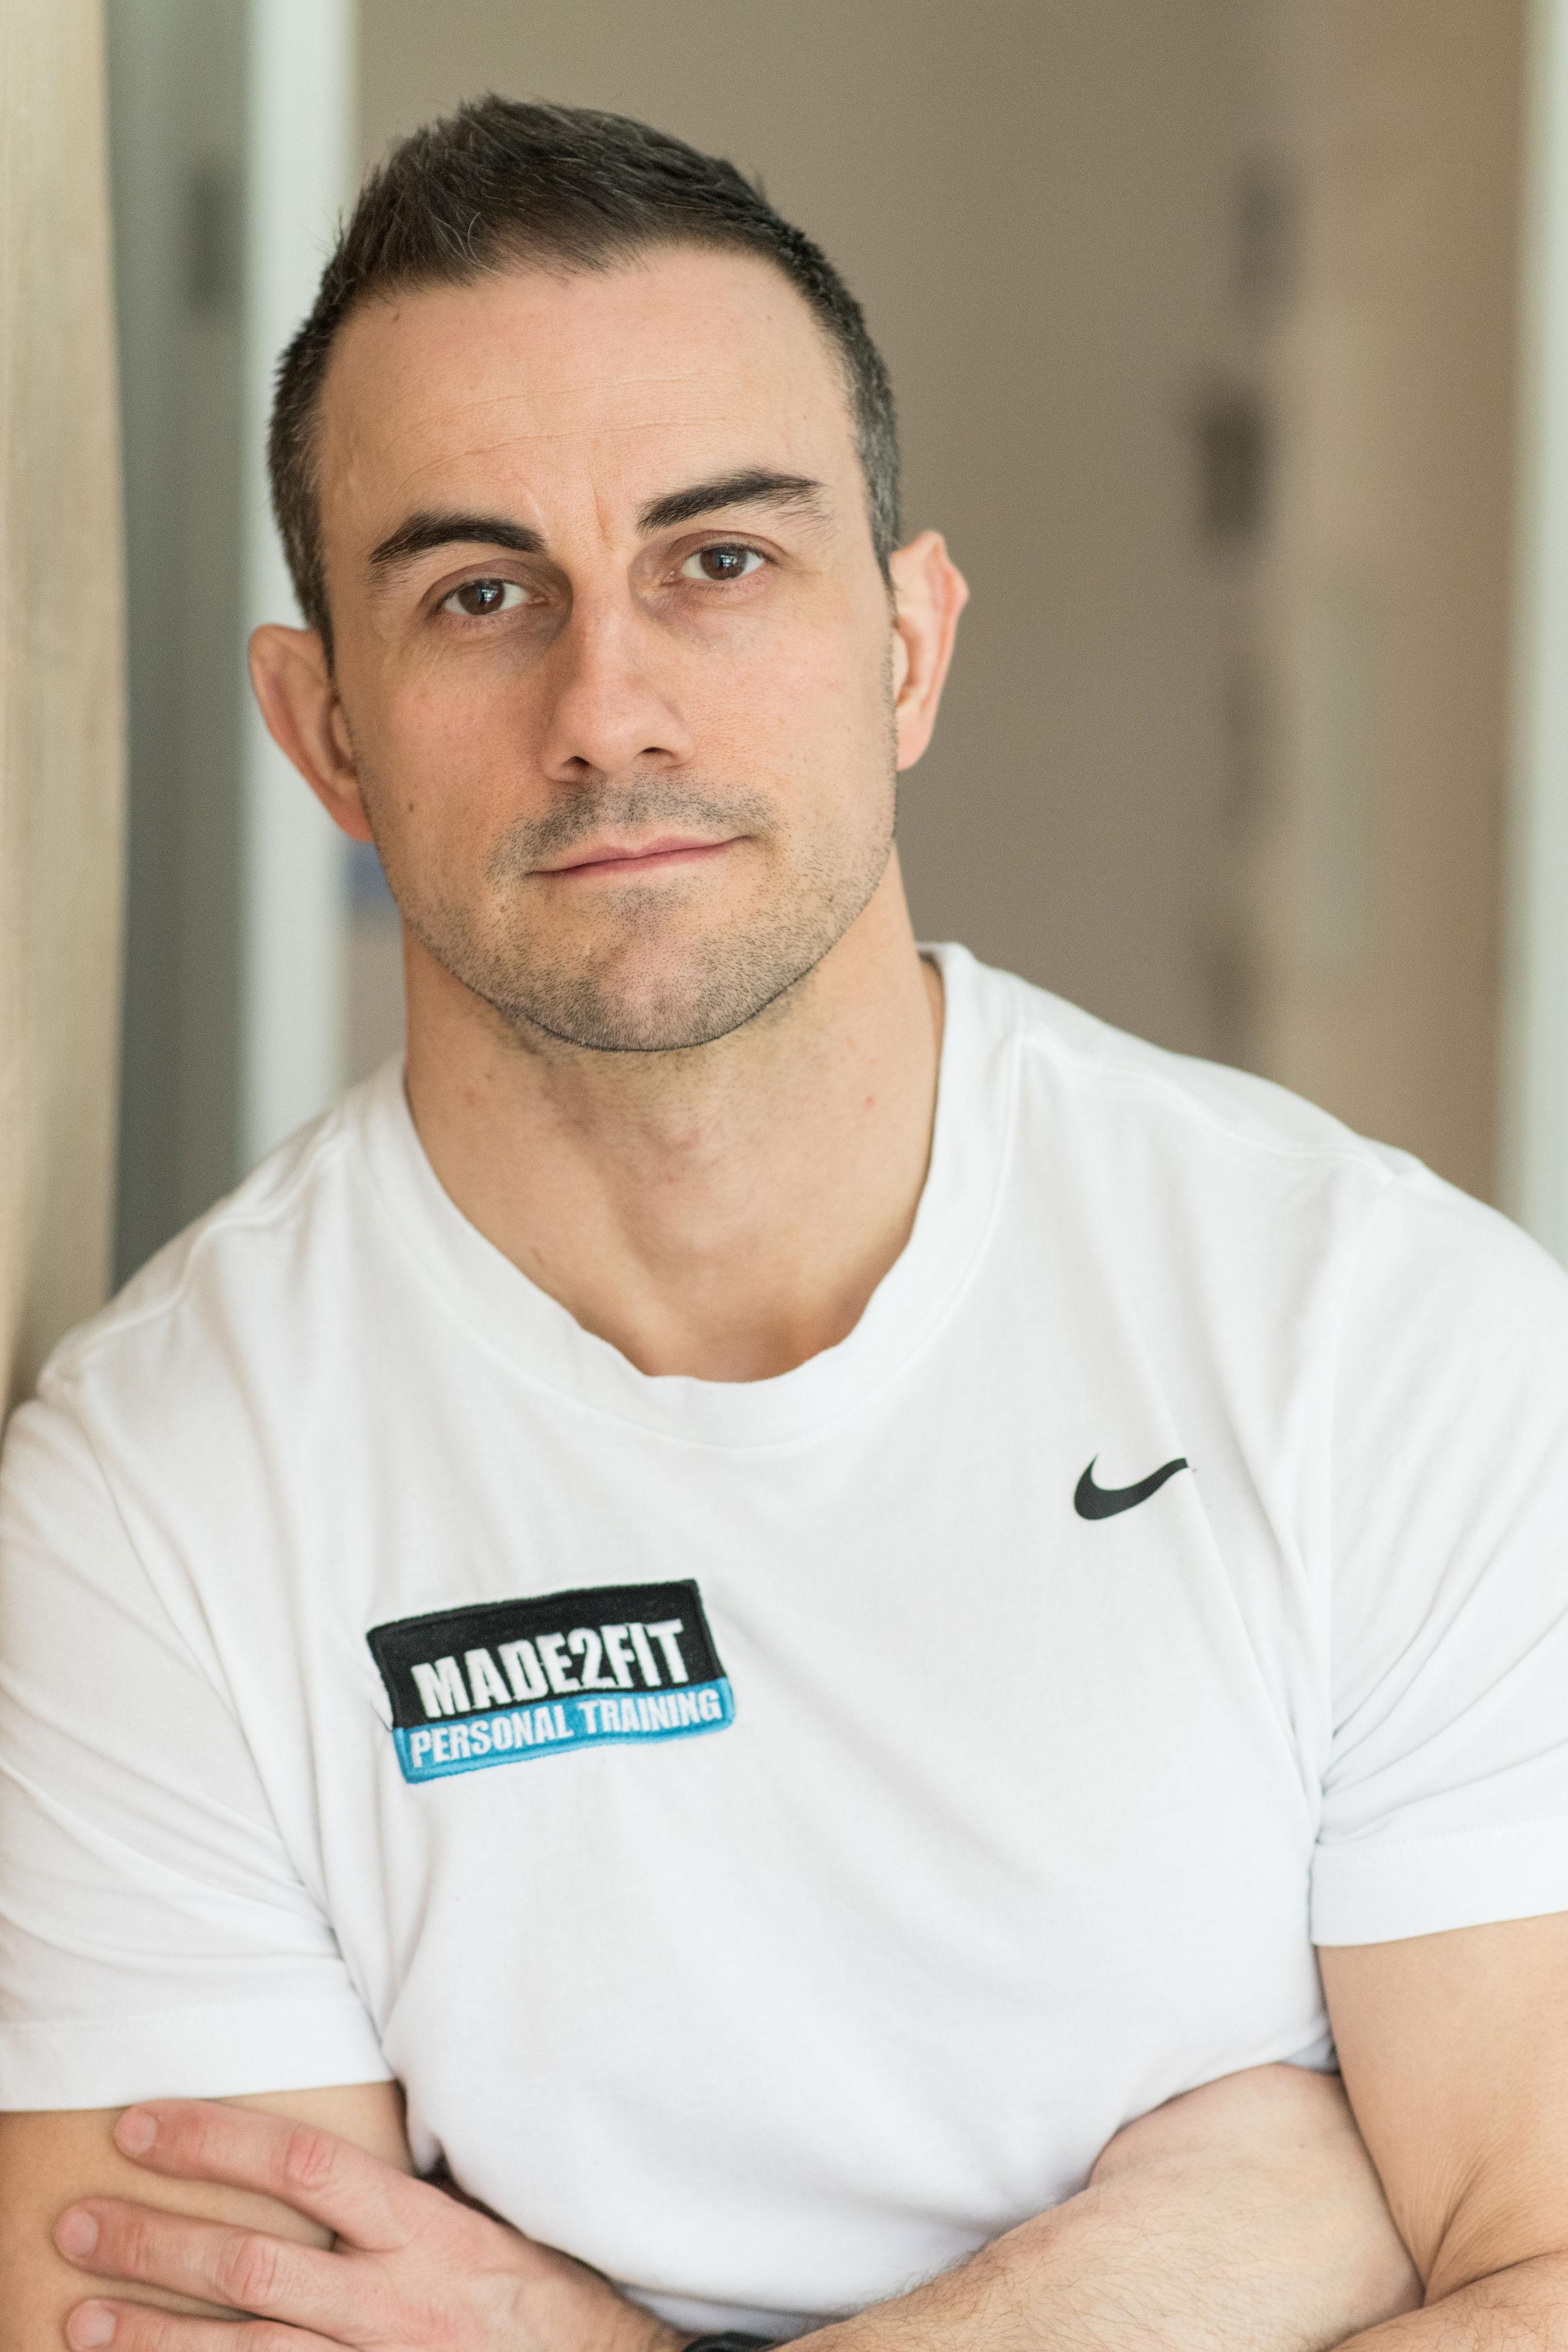 Andy Tweedie - Made2Fit Personal Trainer